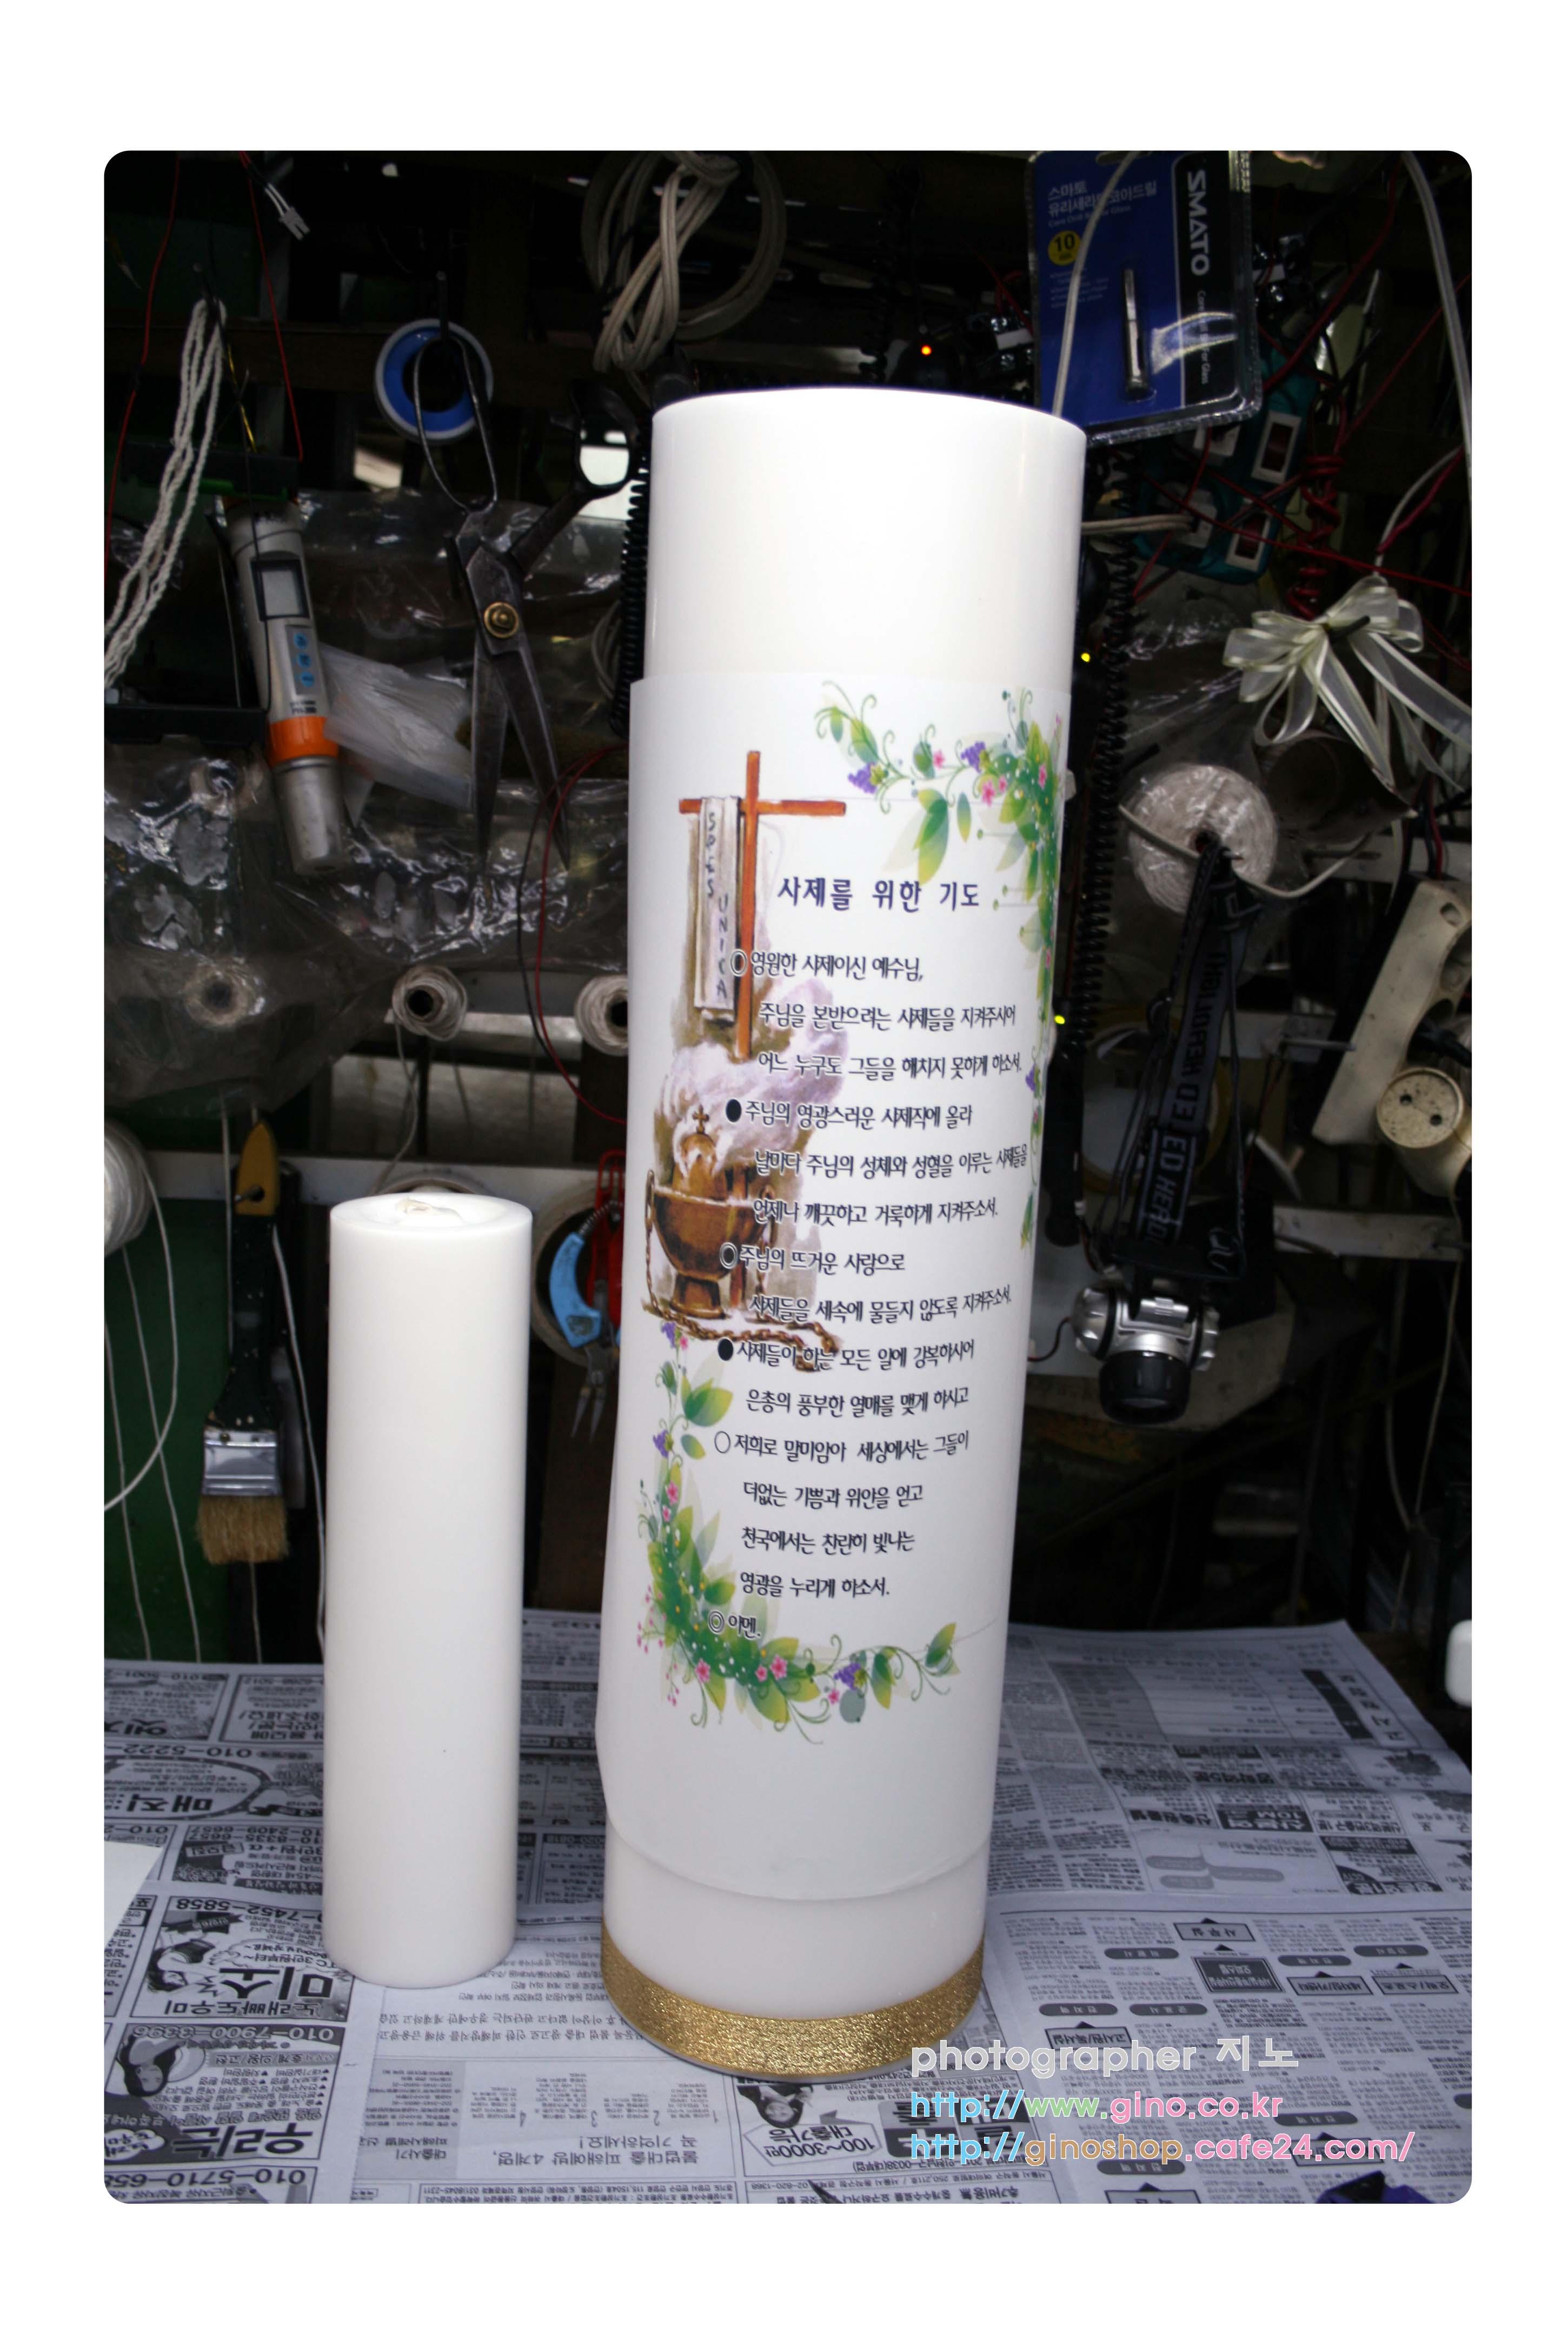 가톨릭대학교 서울성모병원 사목협의회 은경축 양초 종이 시